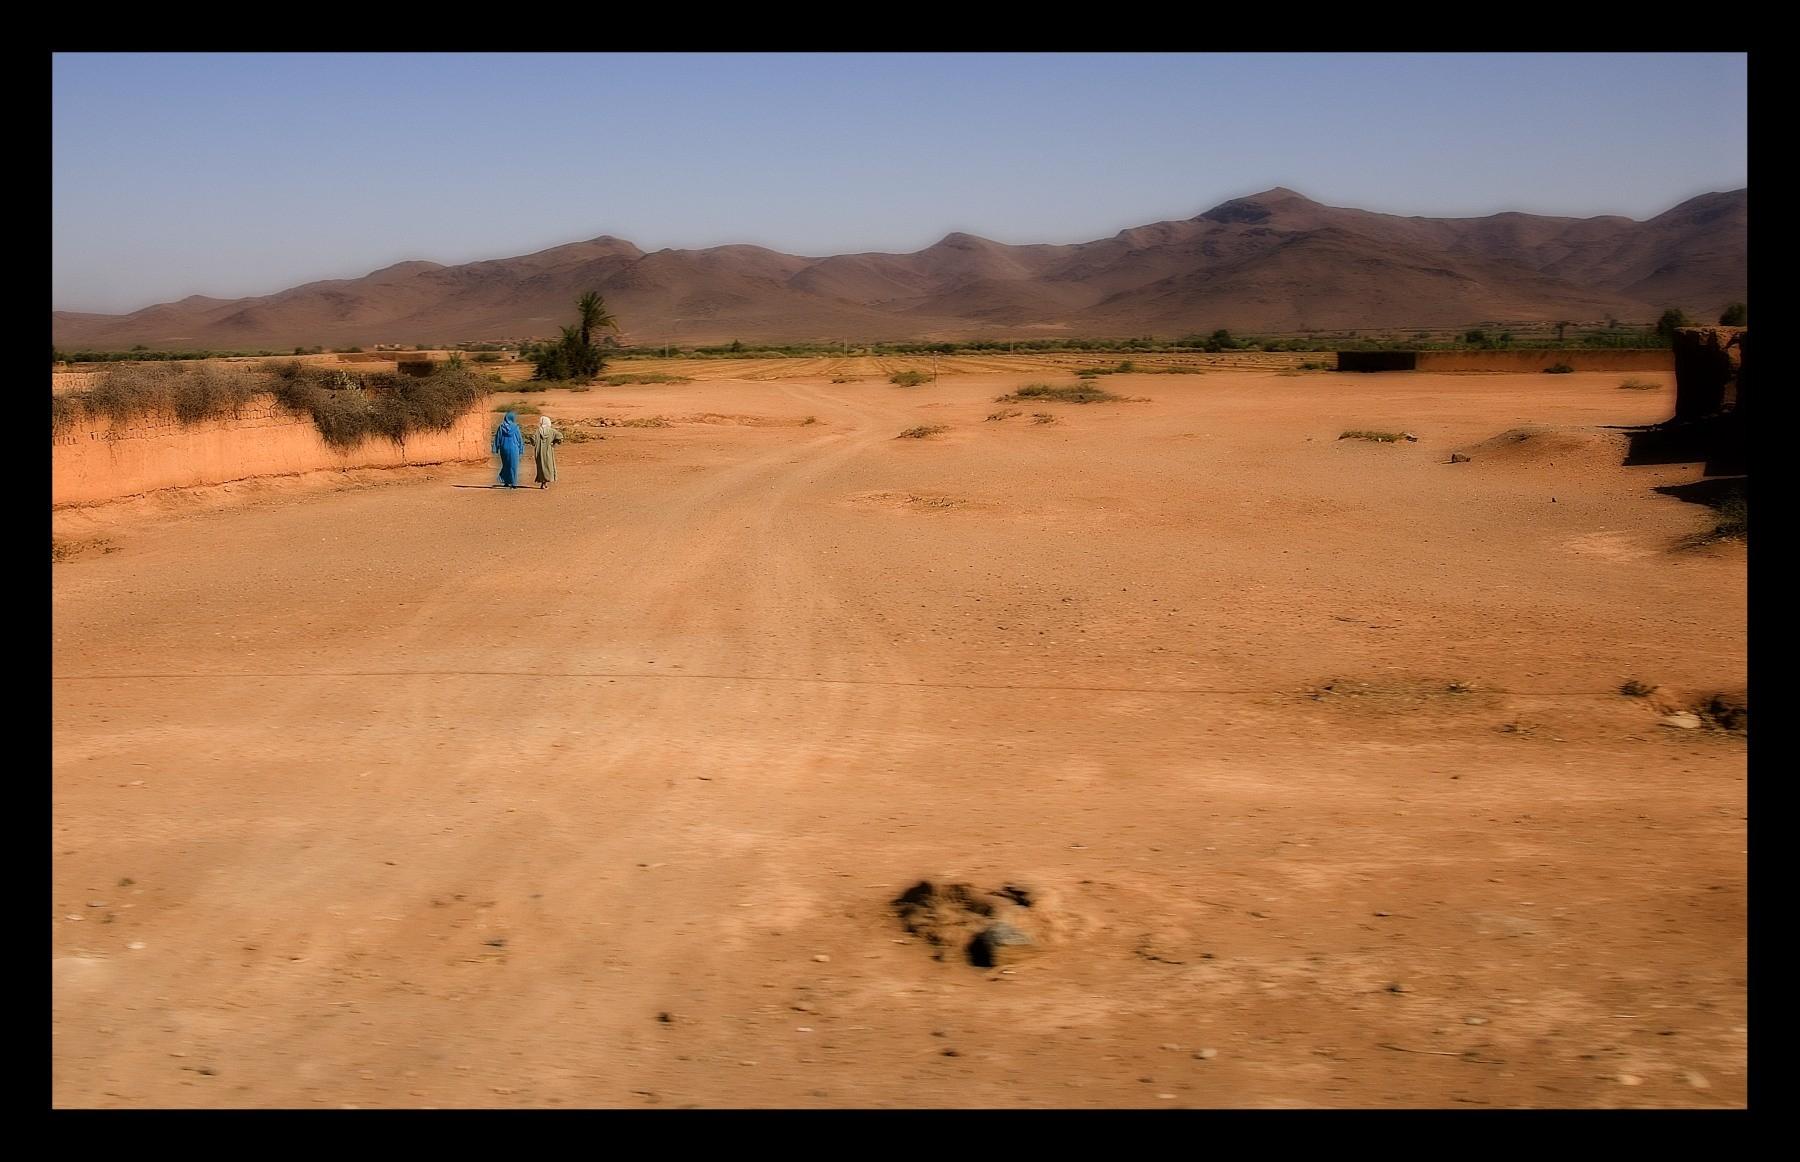 91115_DSC0005 on desert